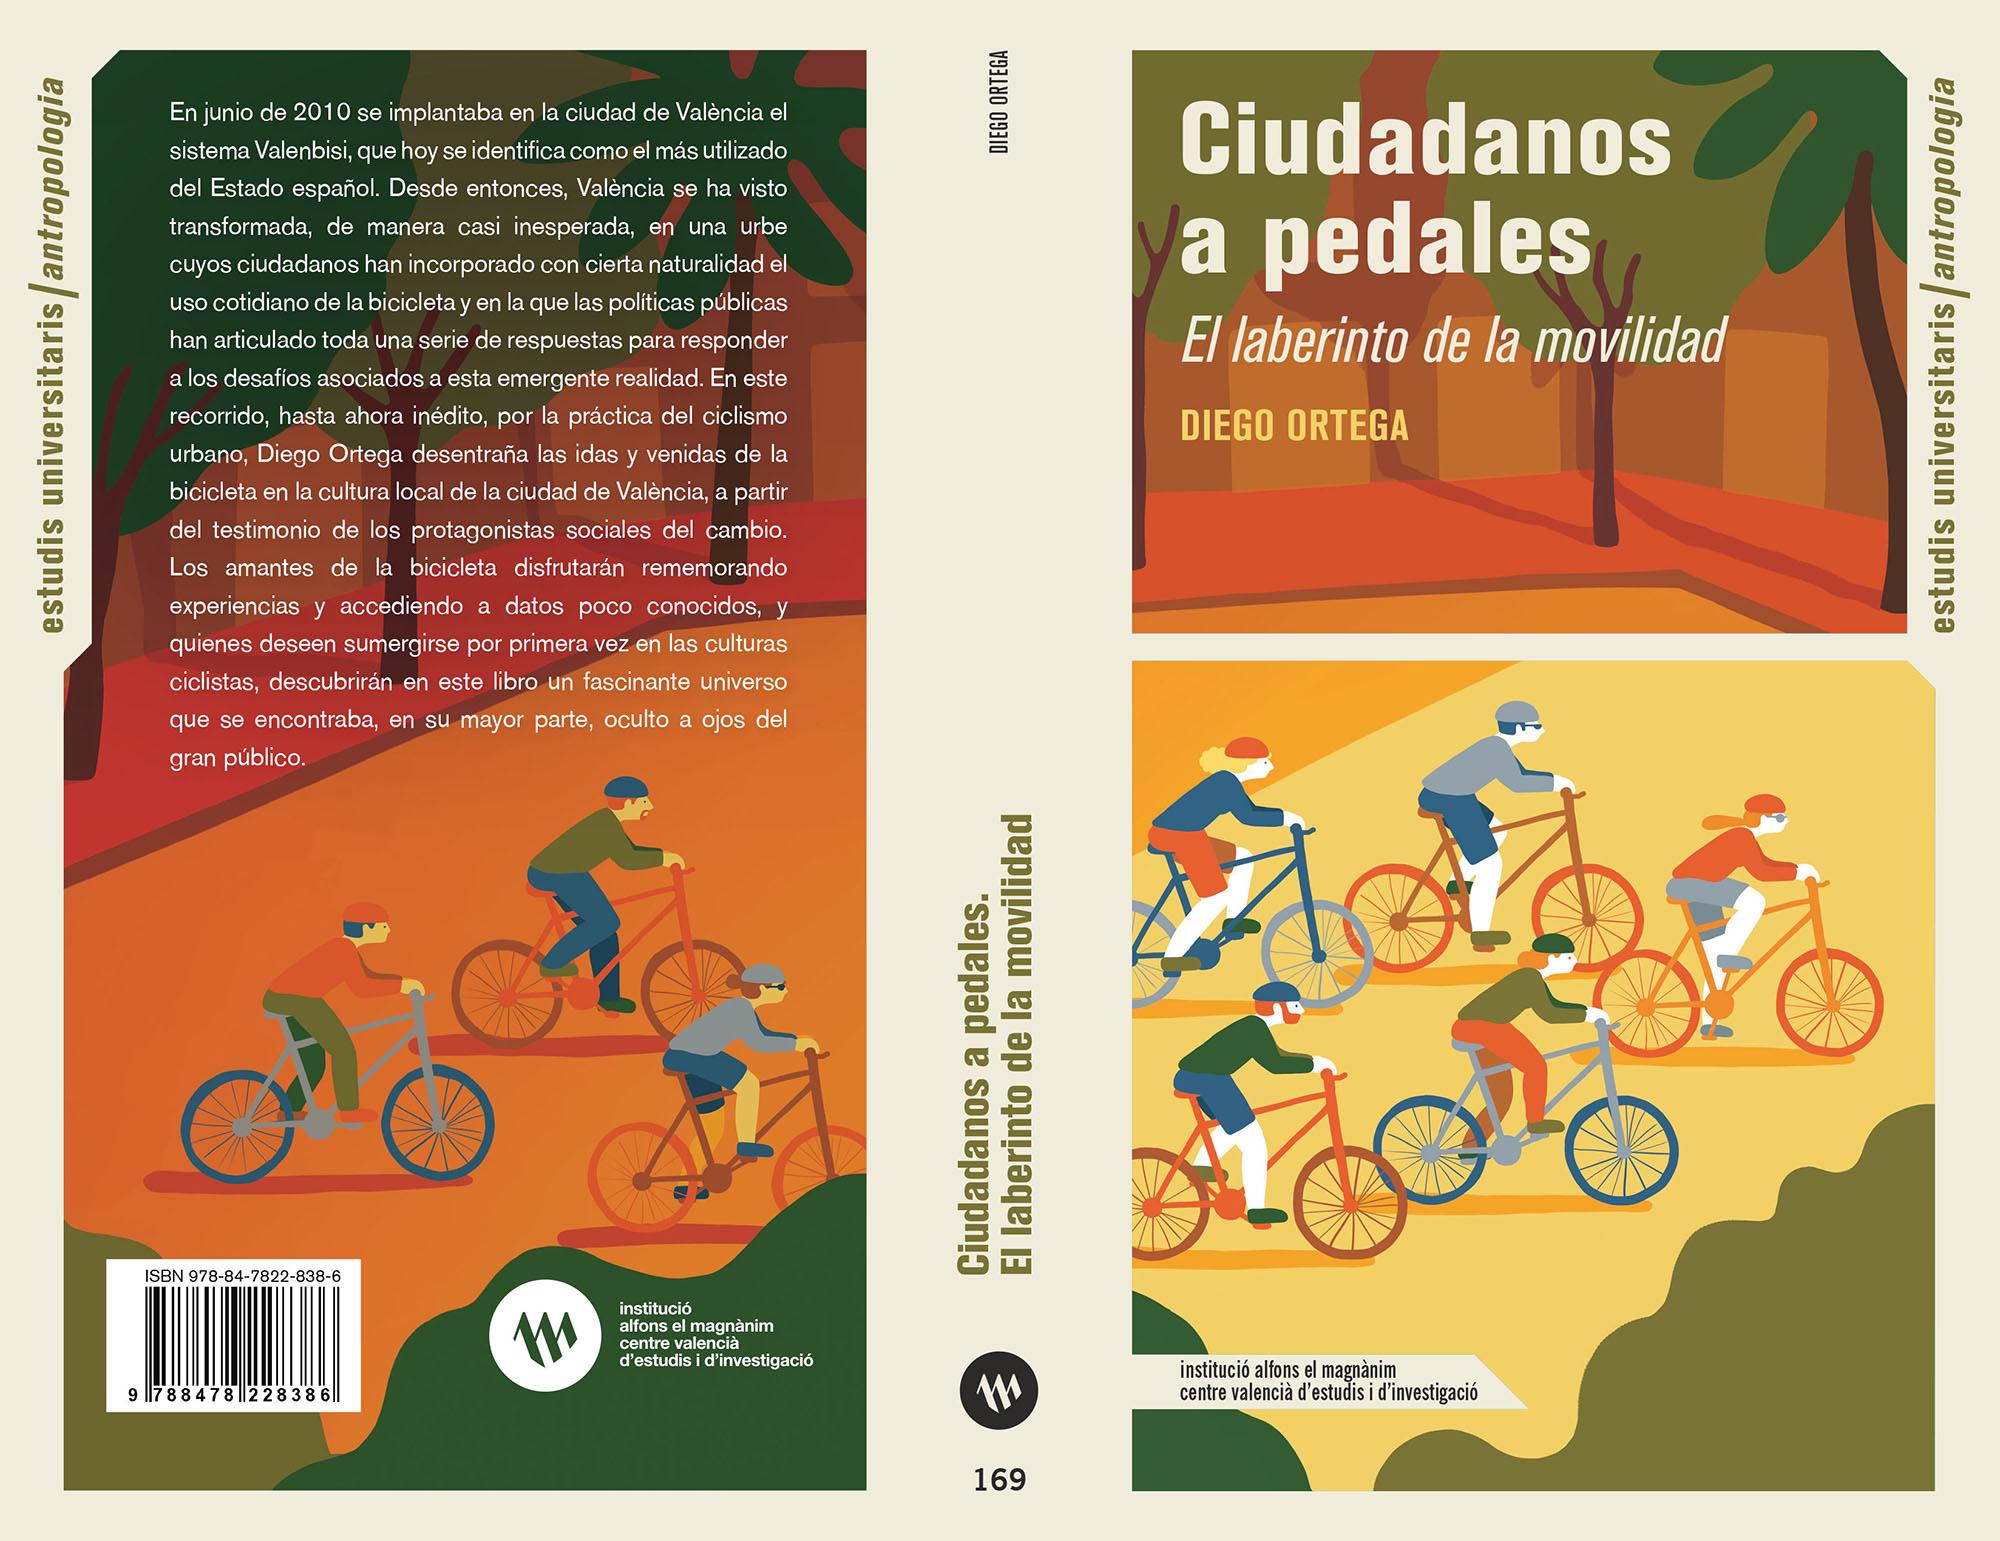 Tania_V_2019_INSTITUCIOALFONSELMAGNANIM_Ciudadanos a pedales (02)